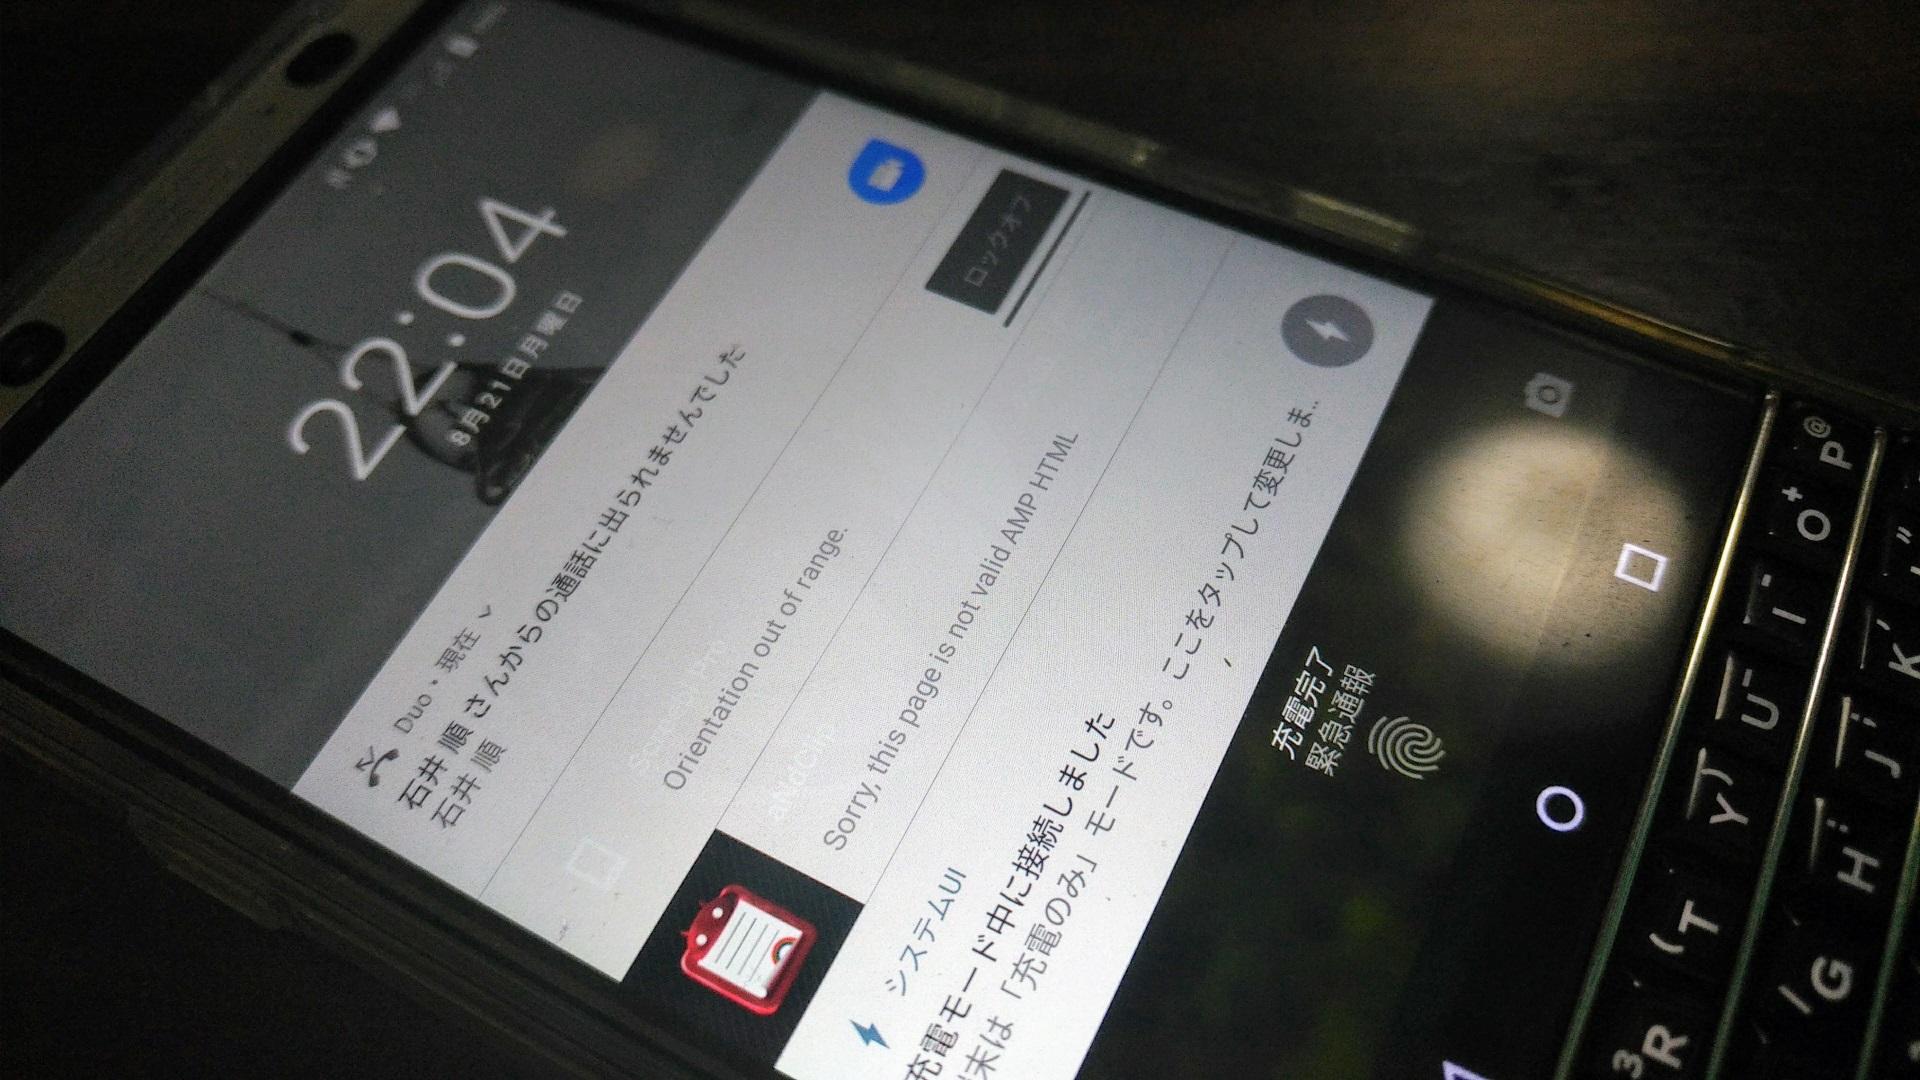 「Google Duo」の通話履歴が電話アプリで管理できるようになっていた【レポート】